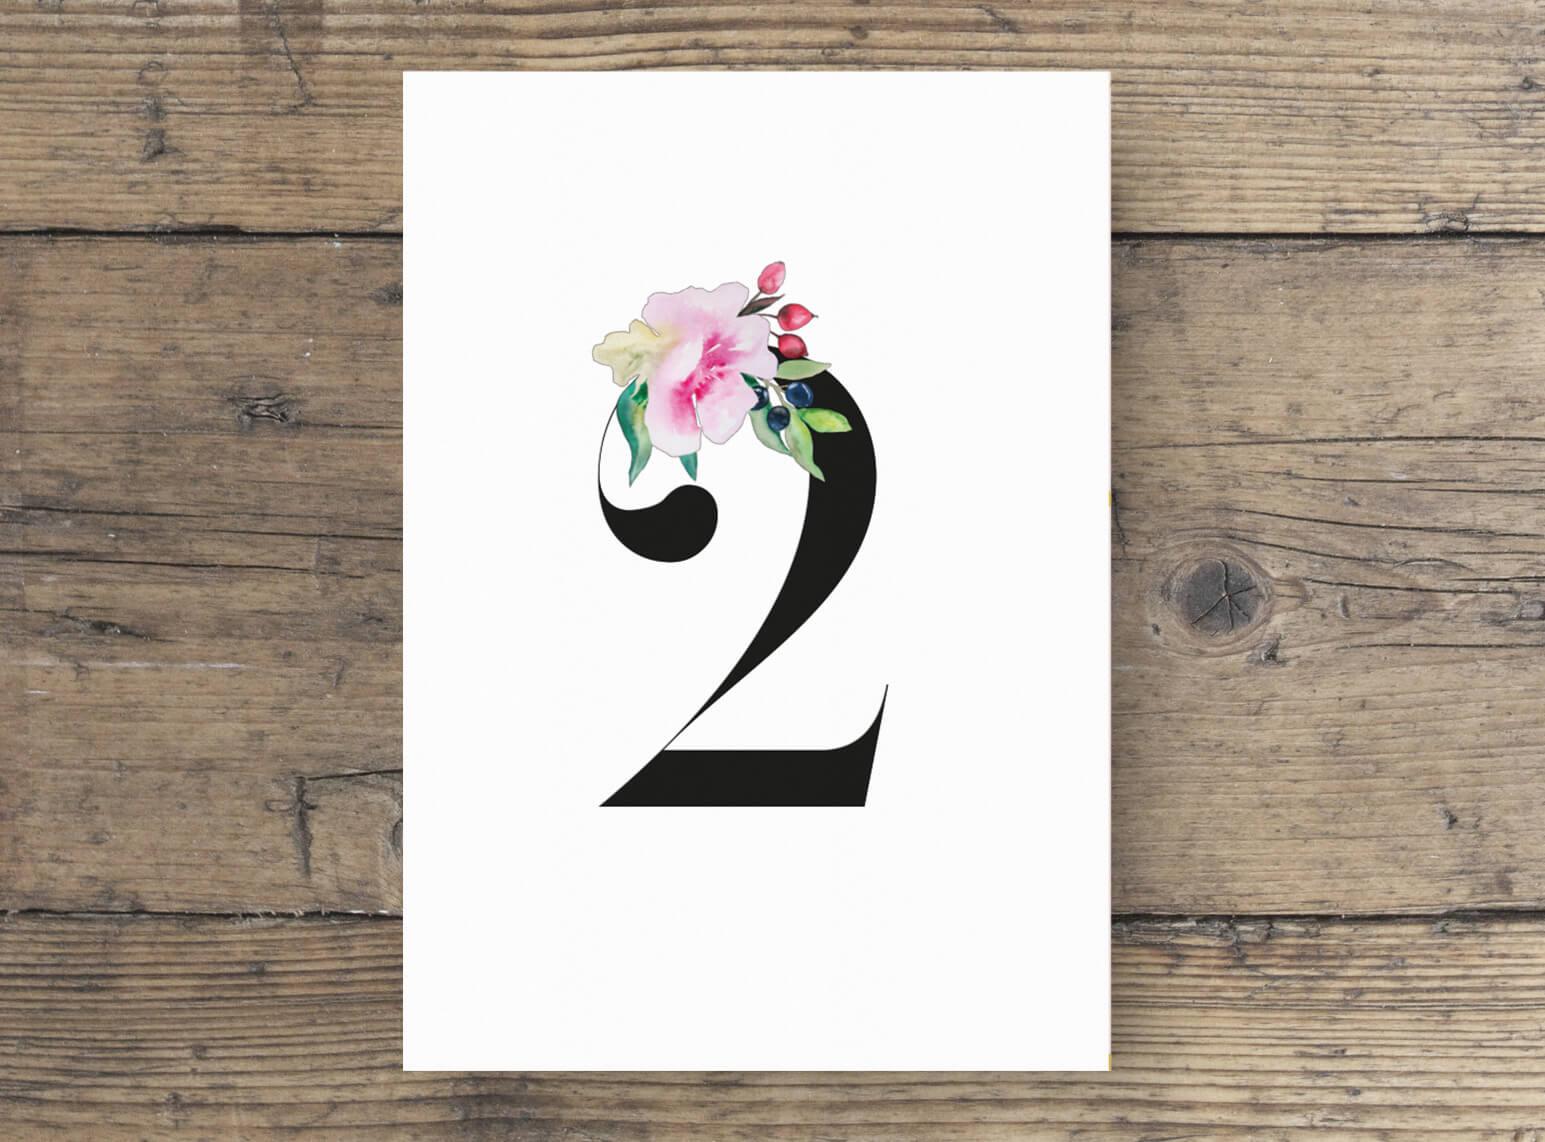 Tischnummer verziert mit Rosen in Aquarell, Hochzeitskarten wilde Romantik in Aquarell